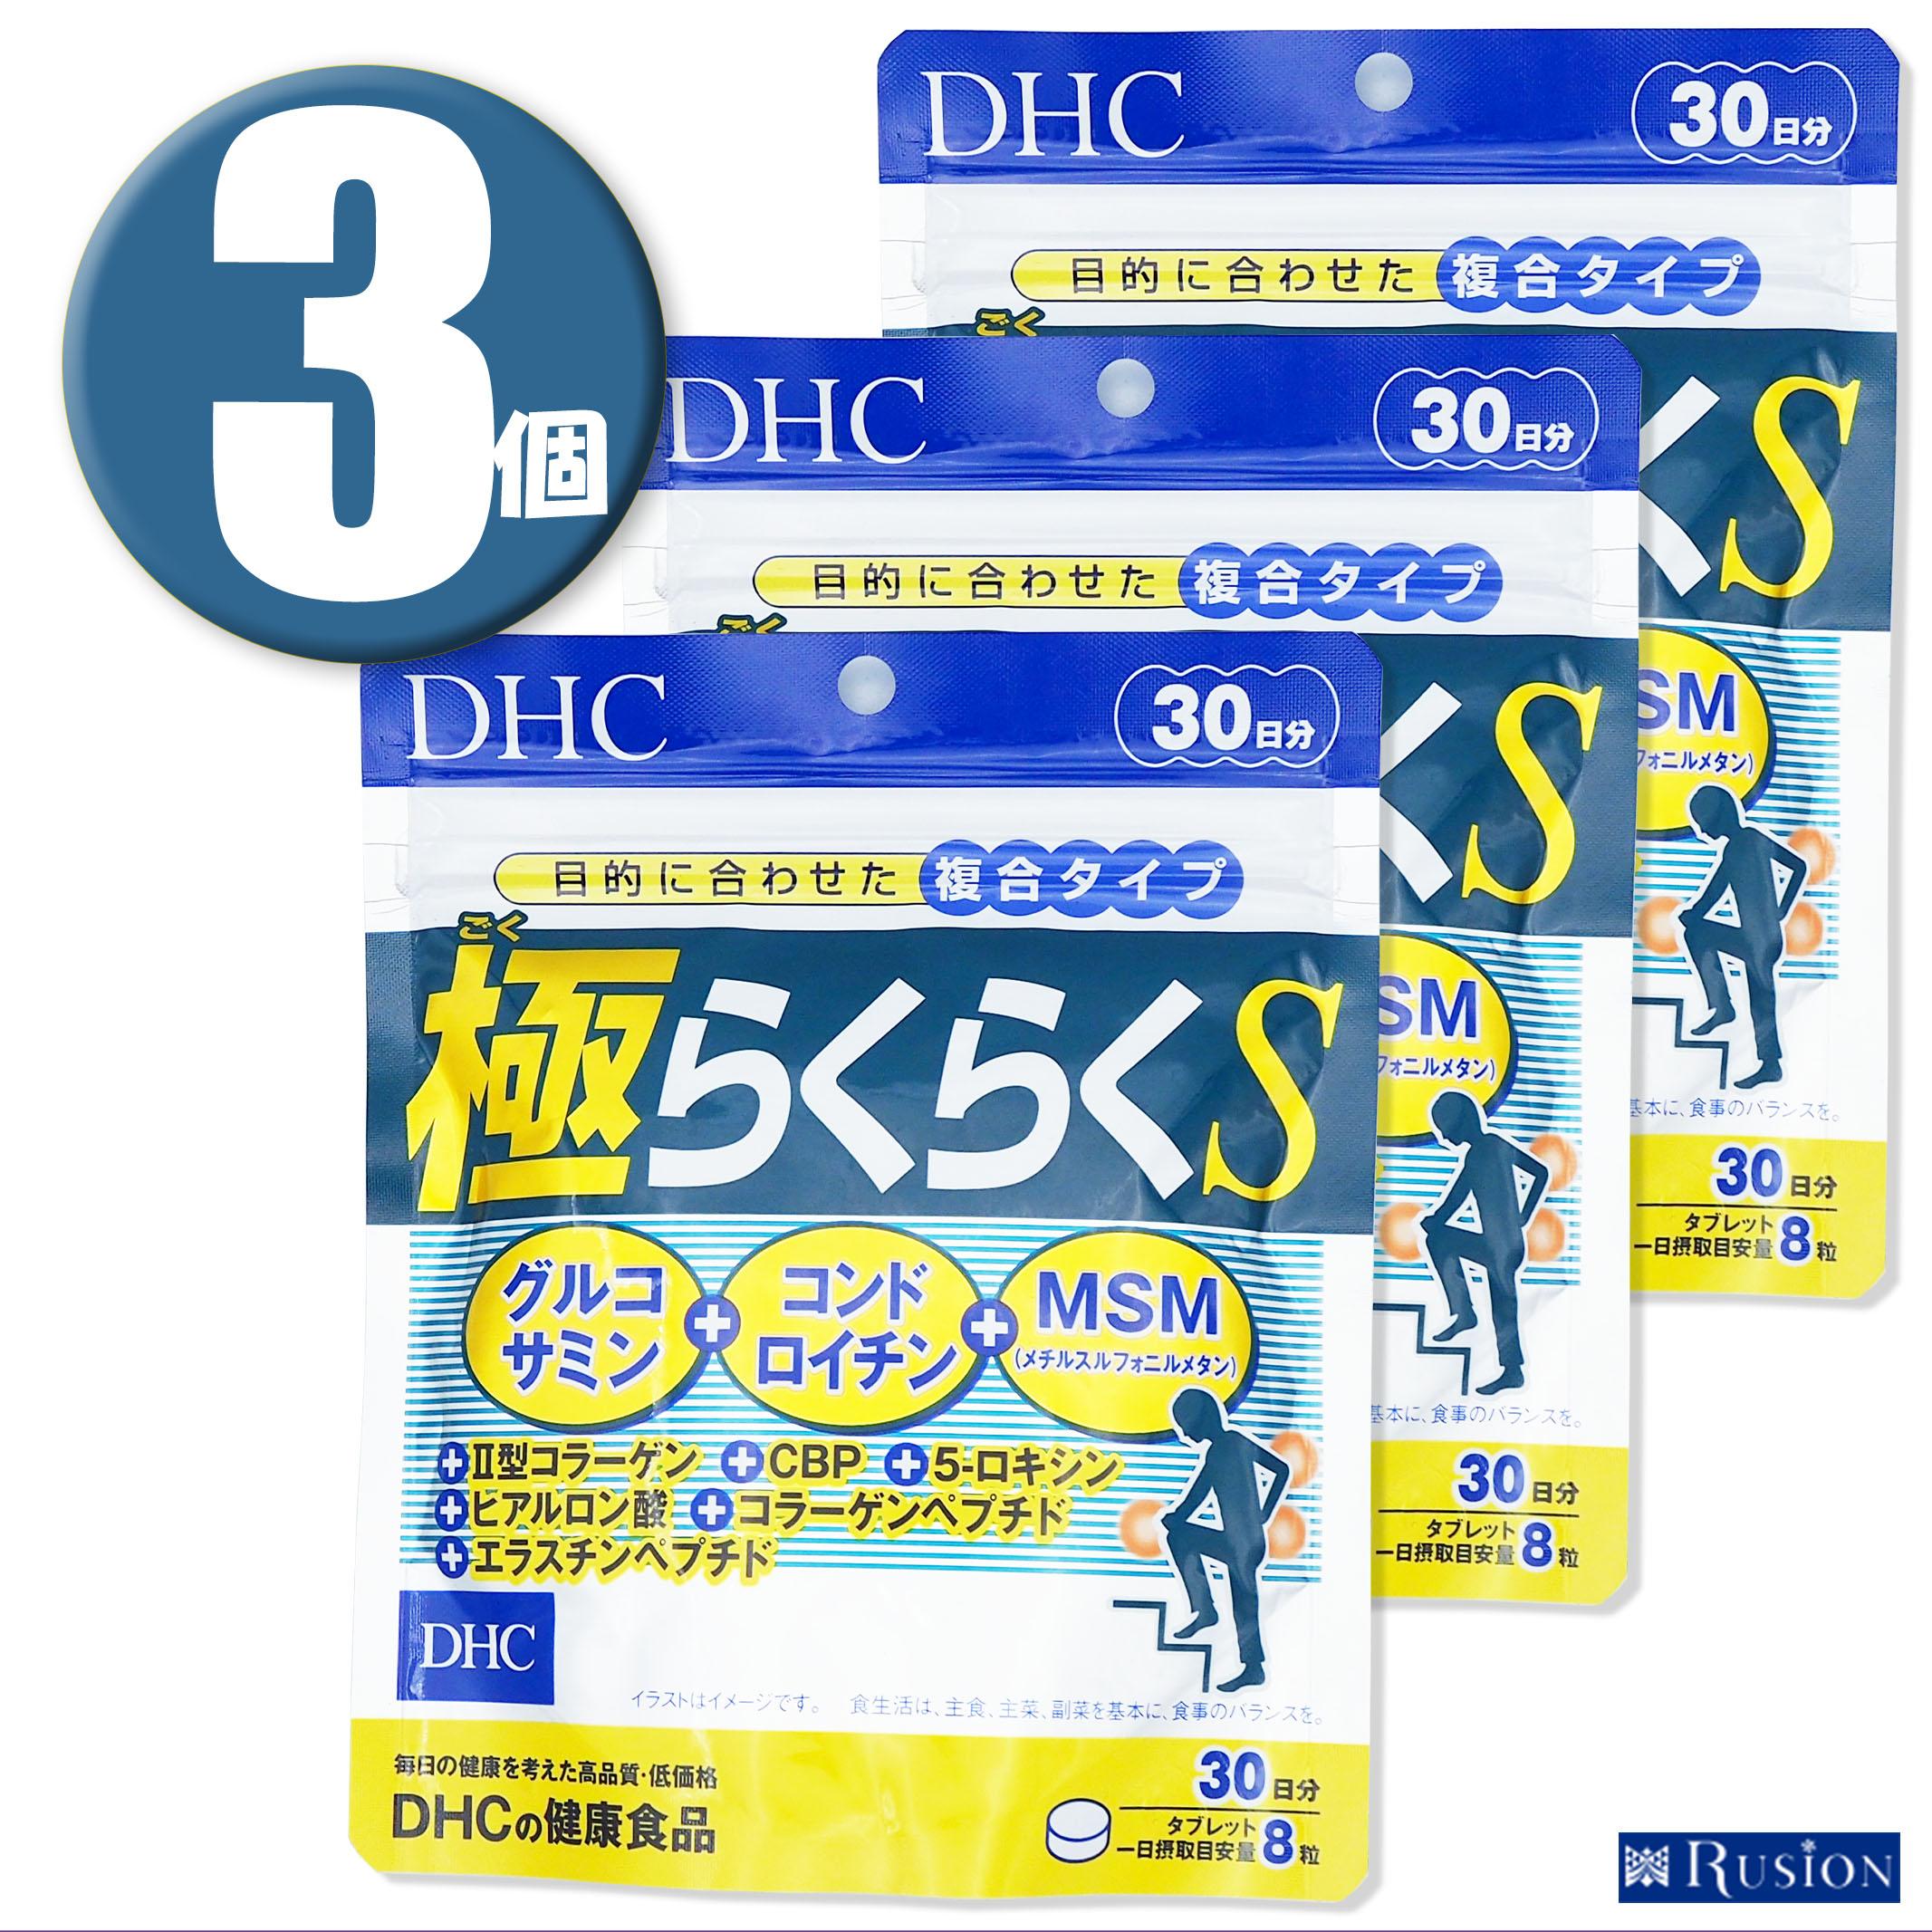 極選9成分がスムーズな動きをパワフルサポート 3個 DHC サプリメント 直営ストア 極らくらくS 健康食品 公式通販 ディーエイチシー 30日分×3個